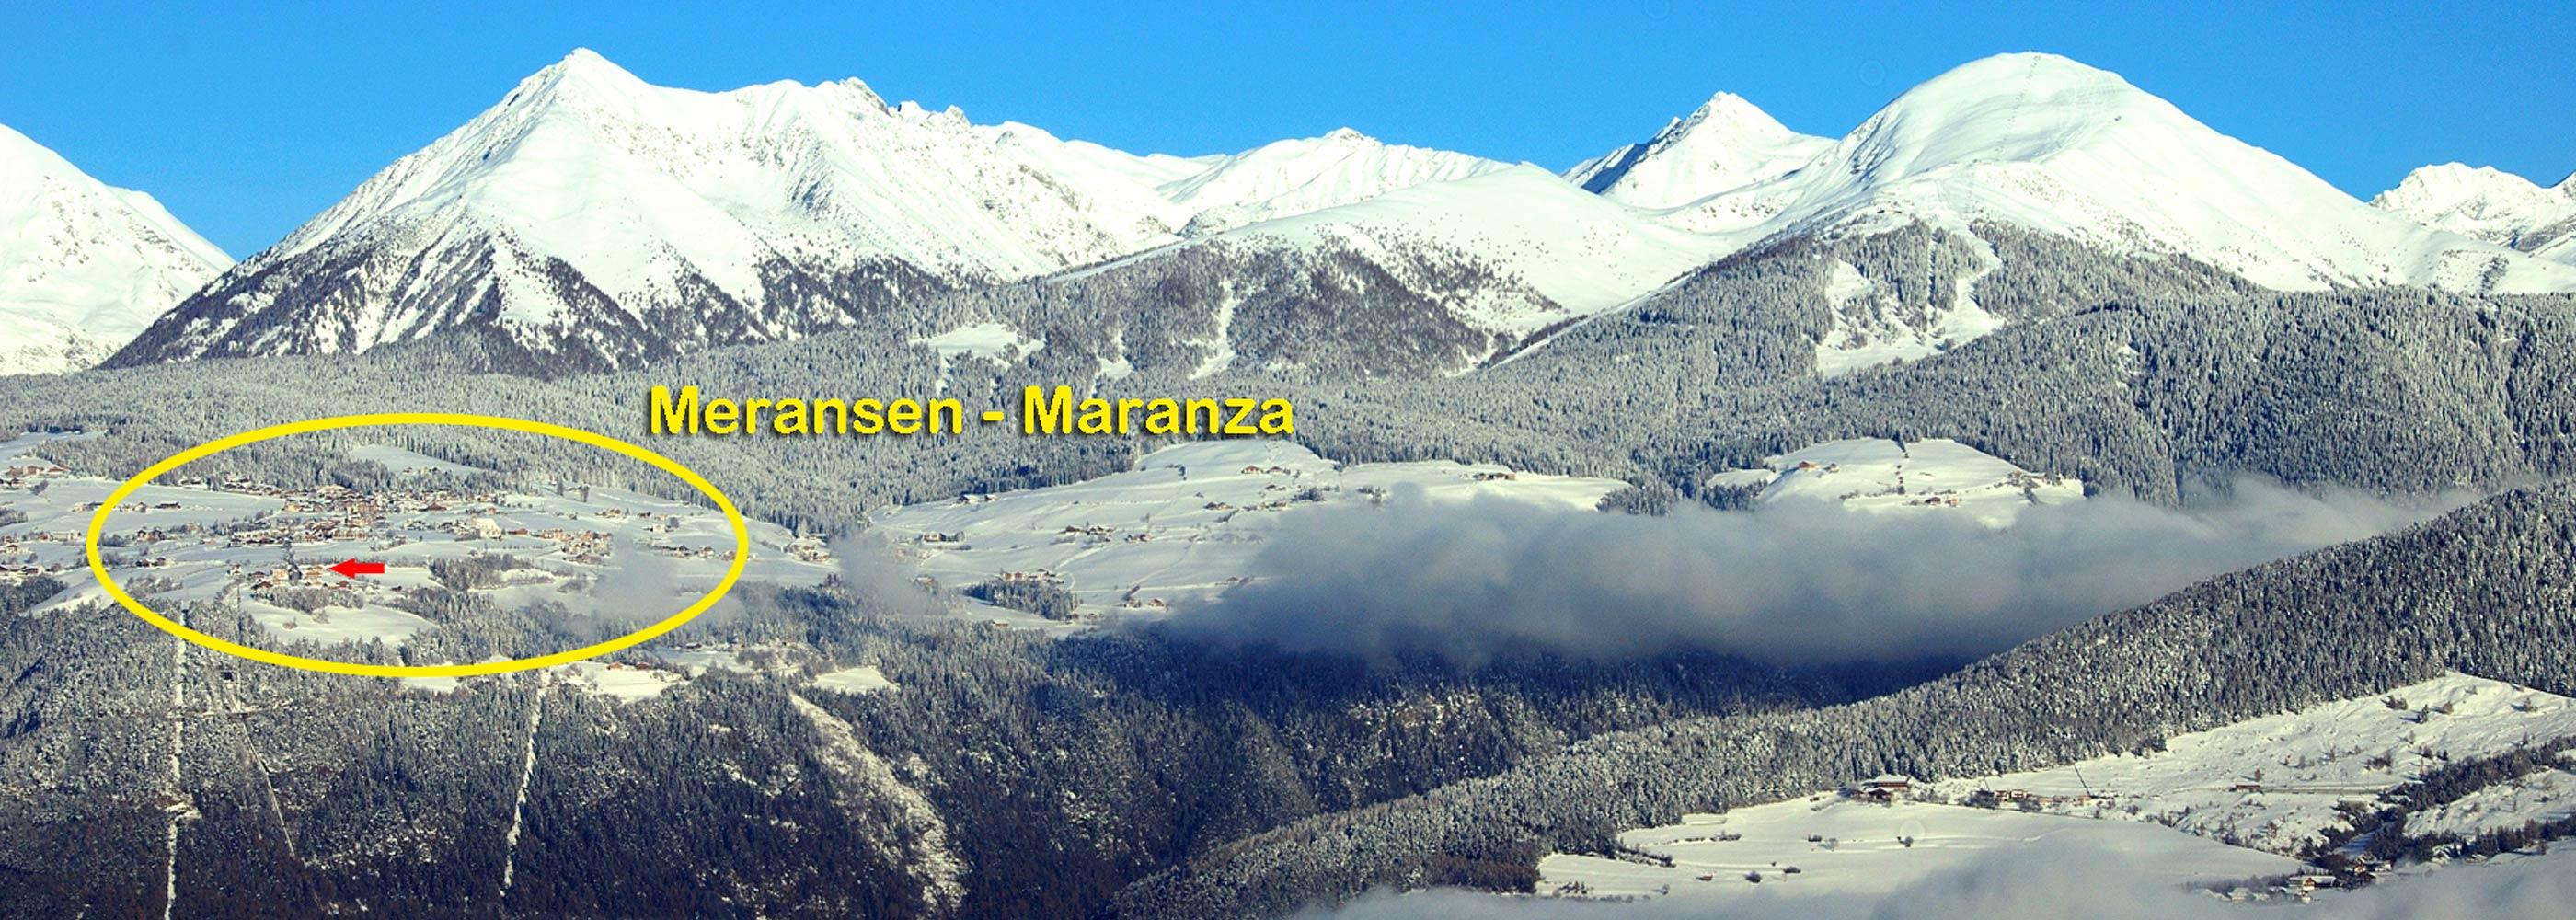 pano-skiurlaub-meransen-suedtirol-ferienwohnung-appartement